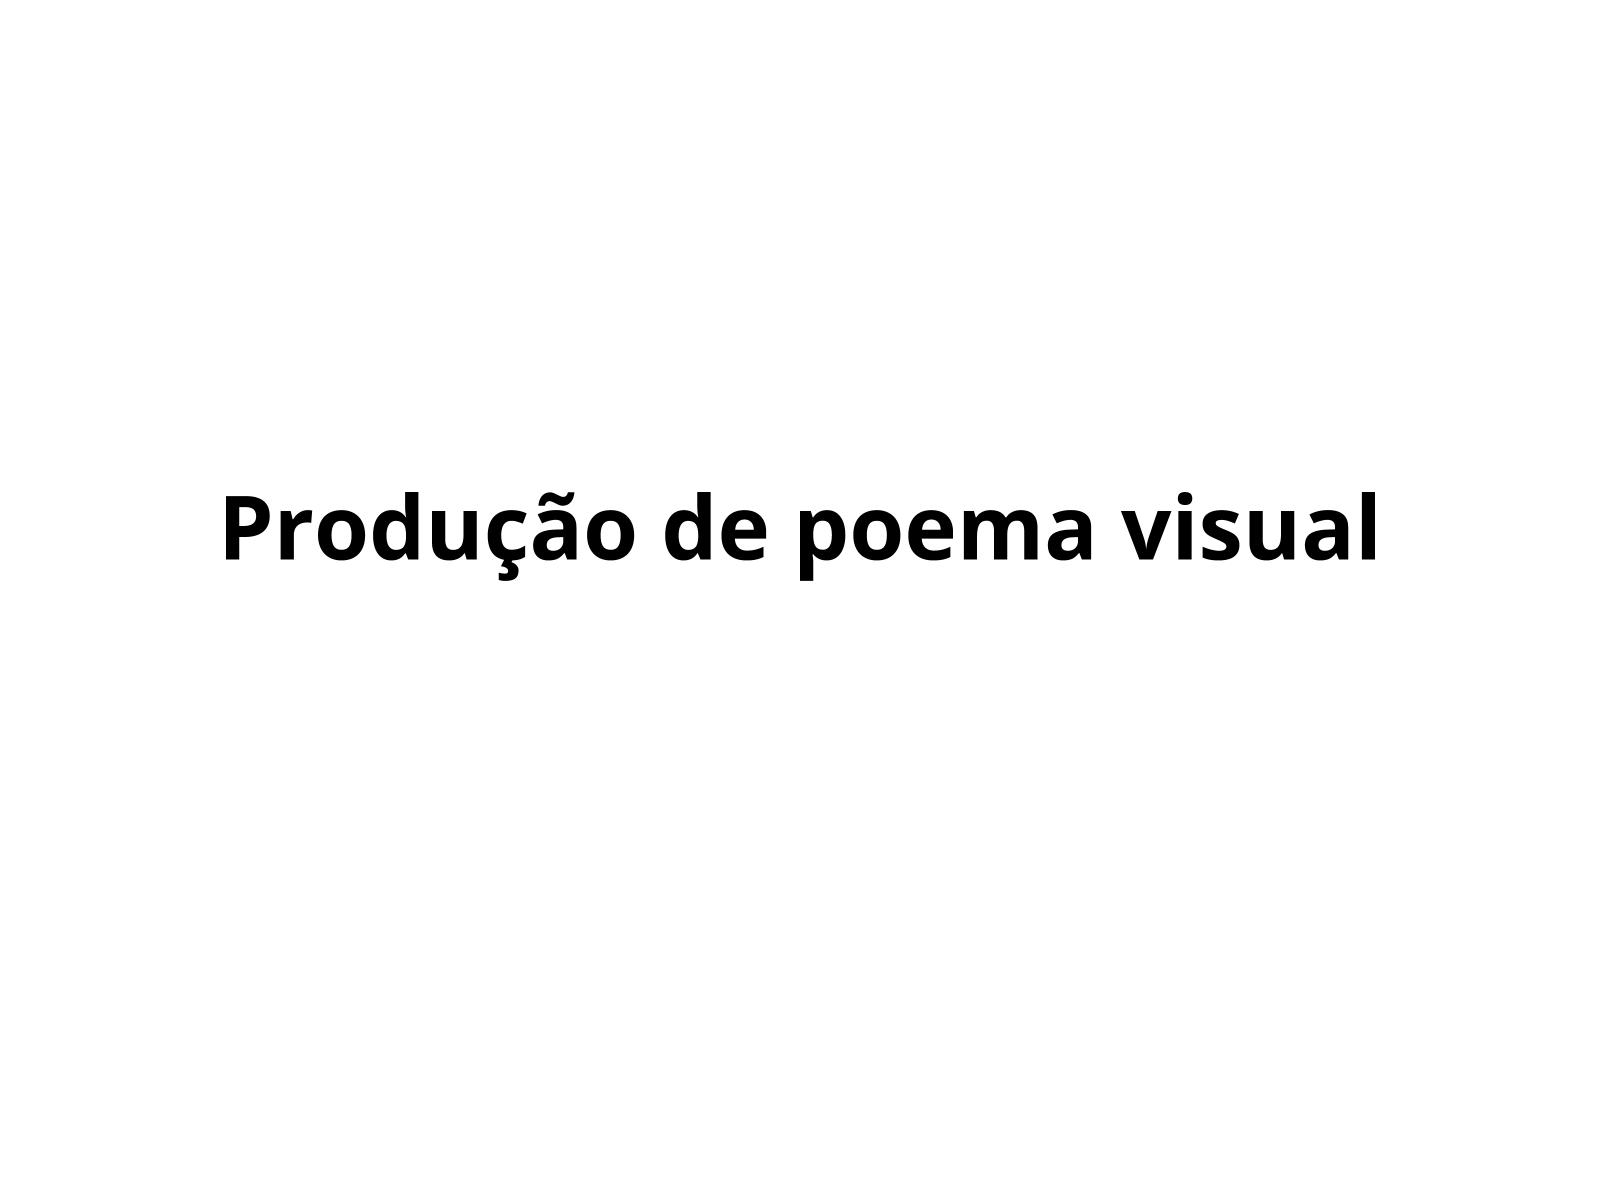 Produção de poemas concretos e visuais